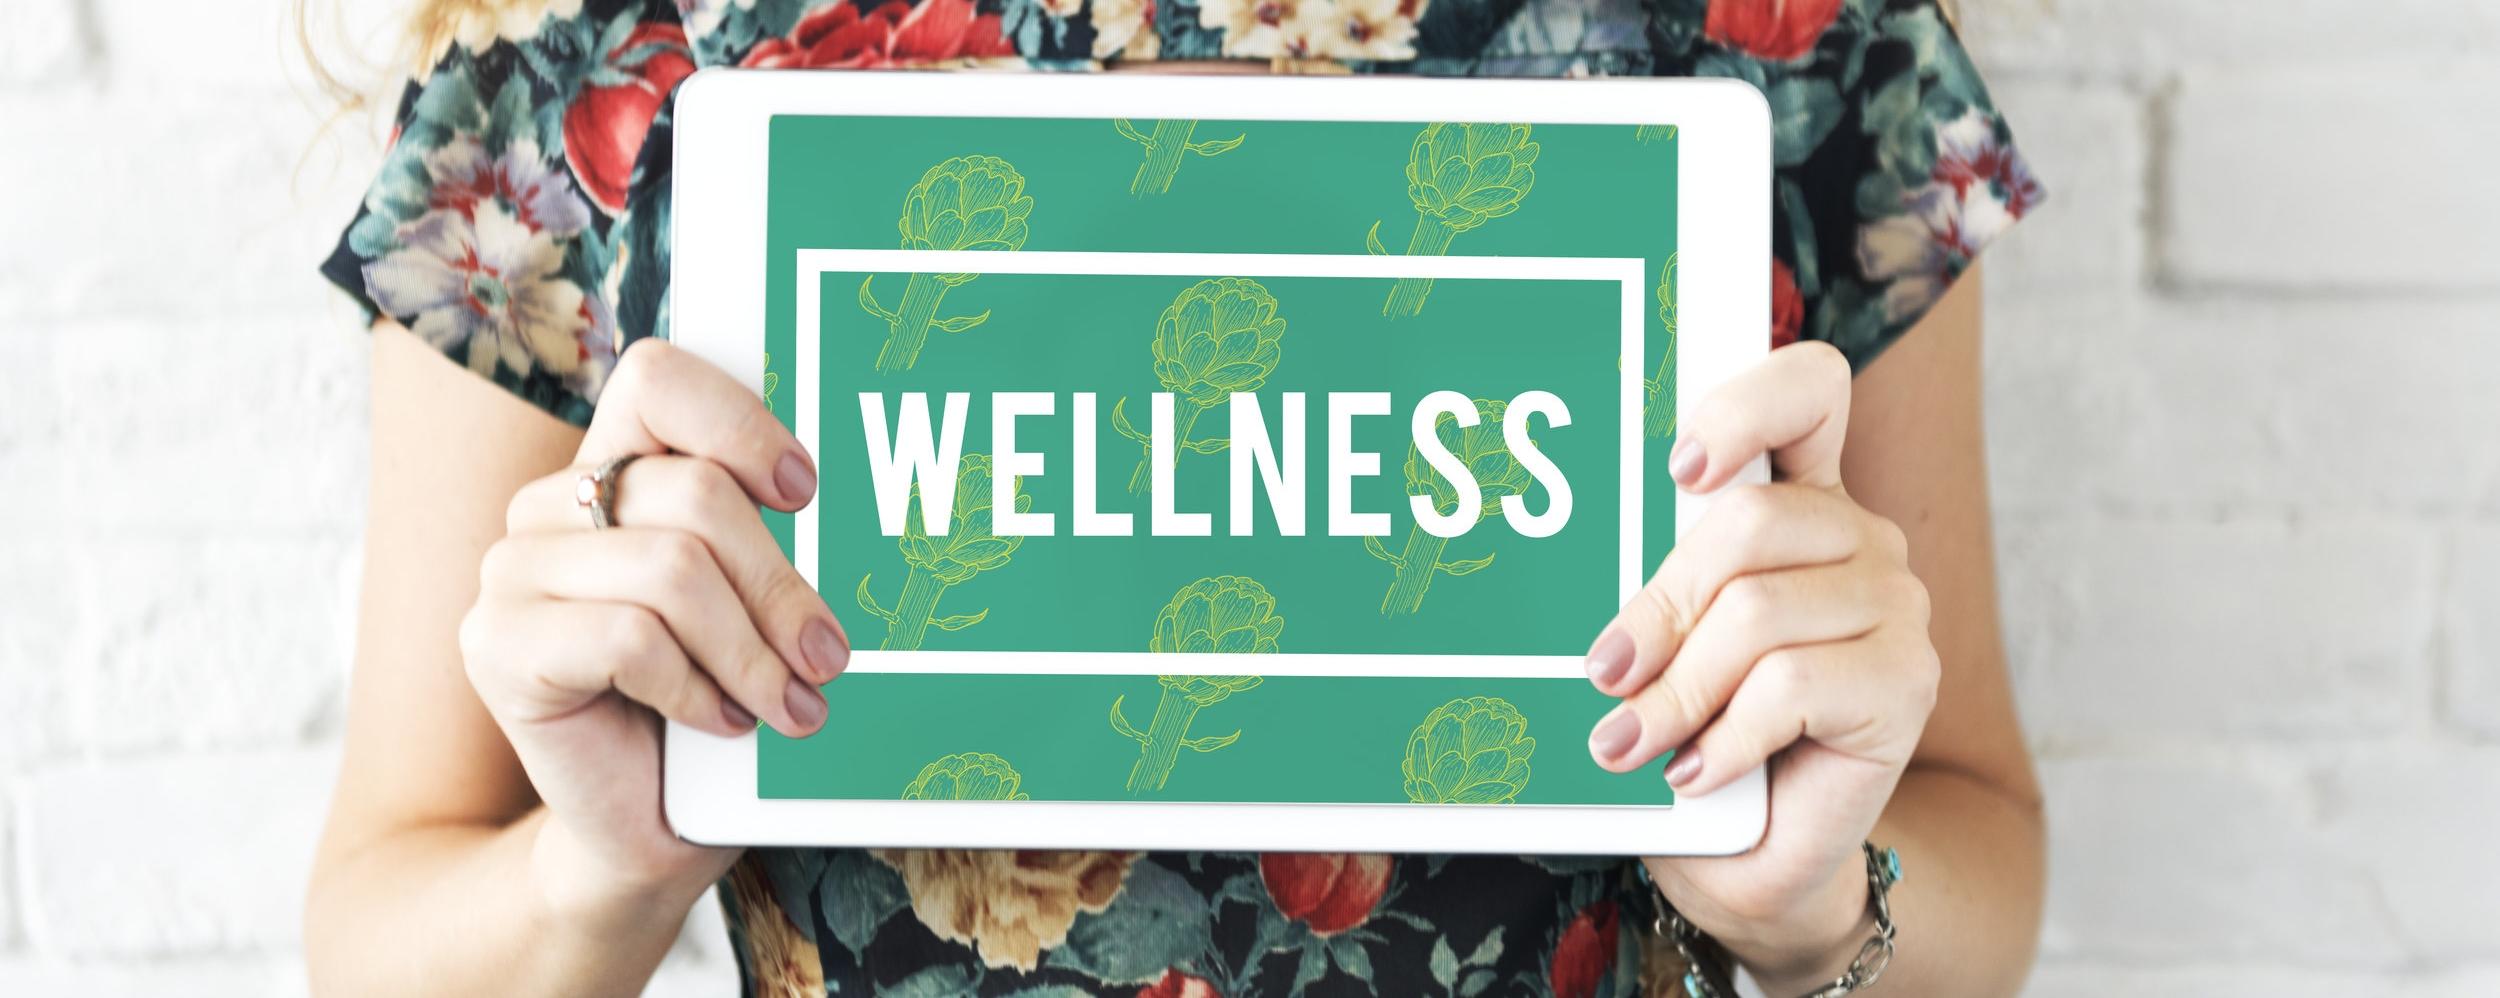 Wellness Girl.jpg